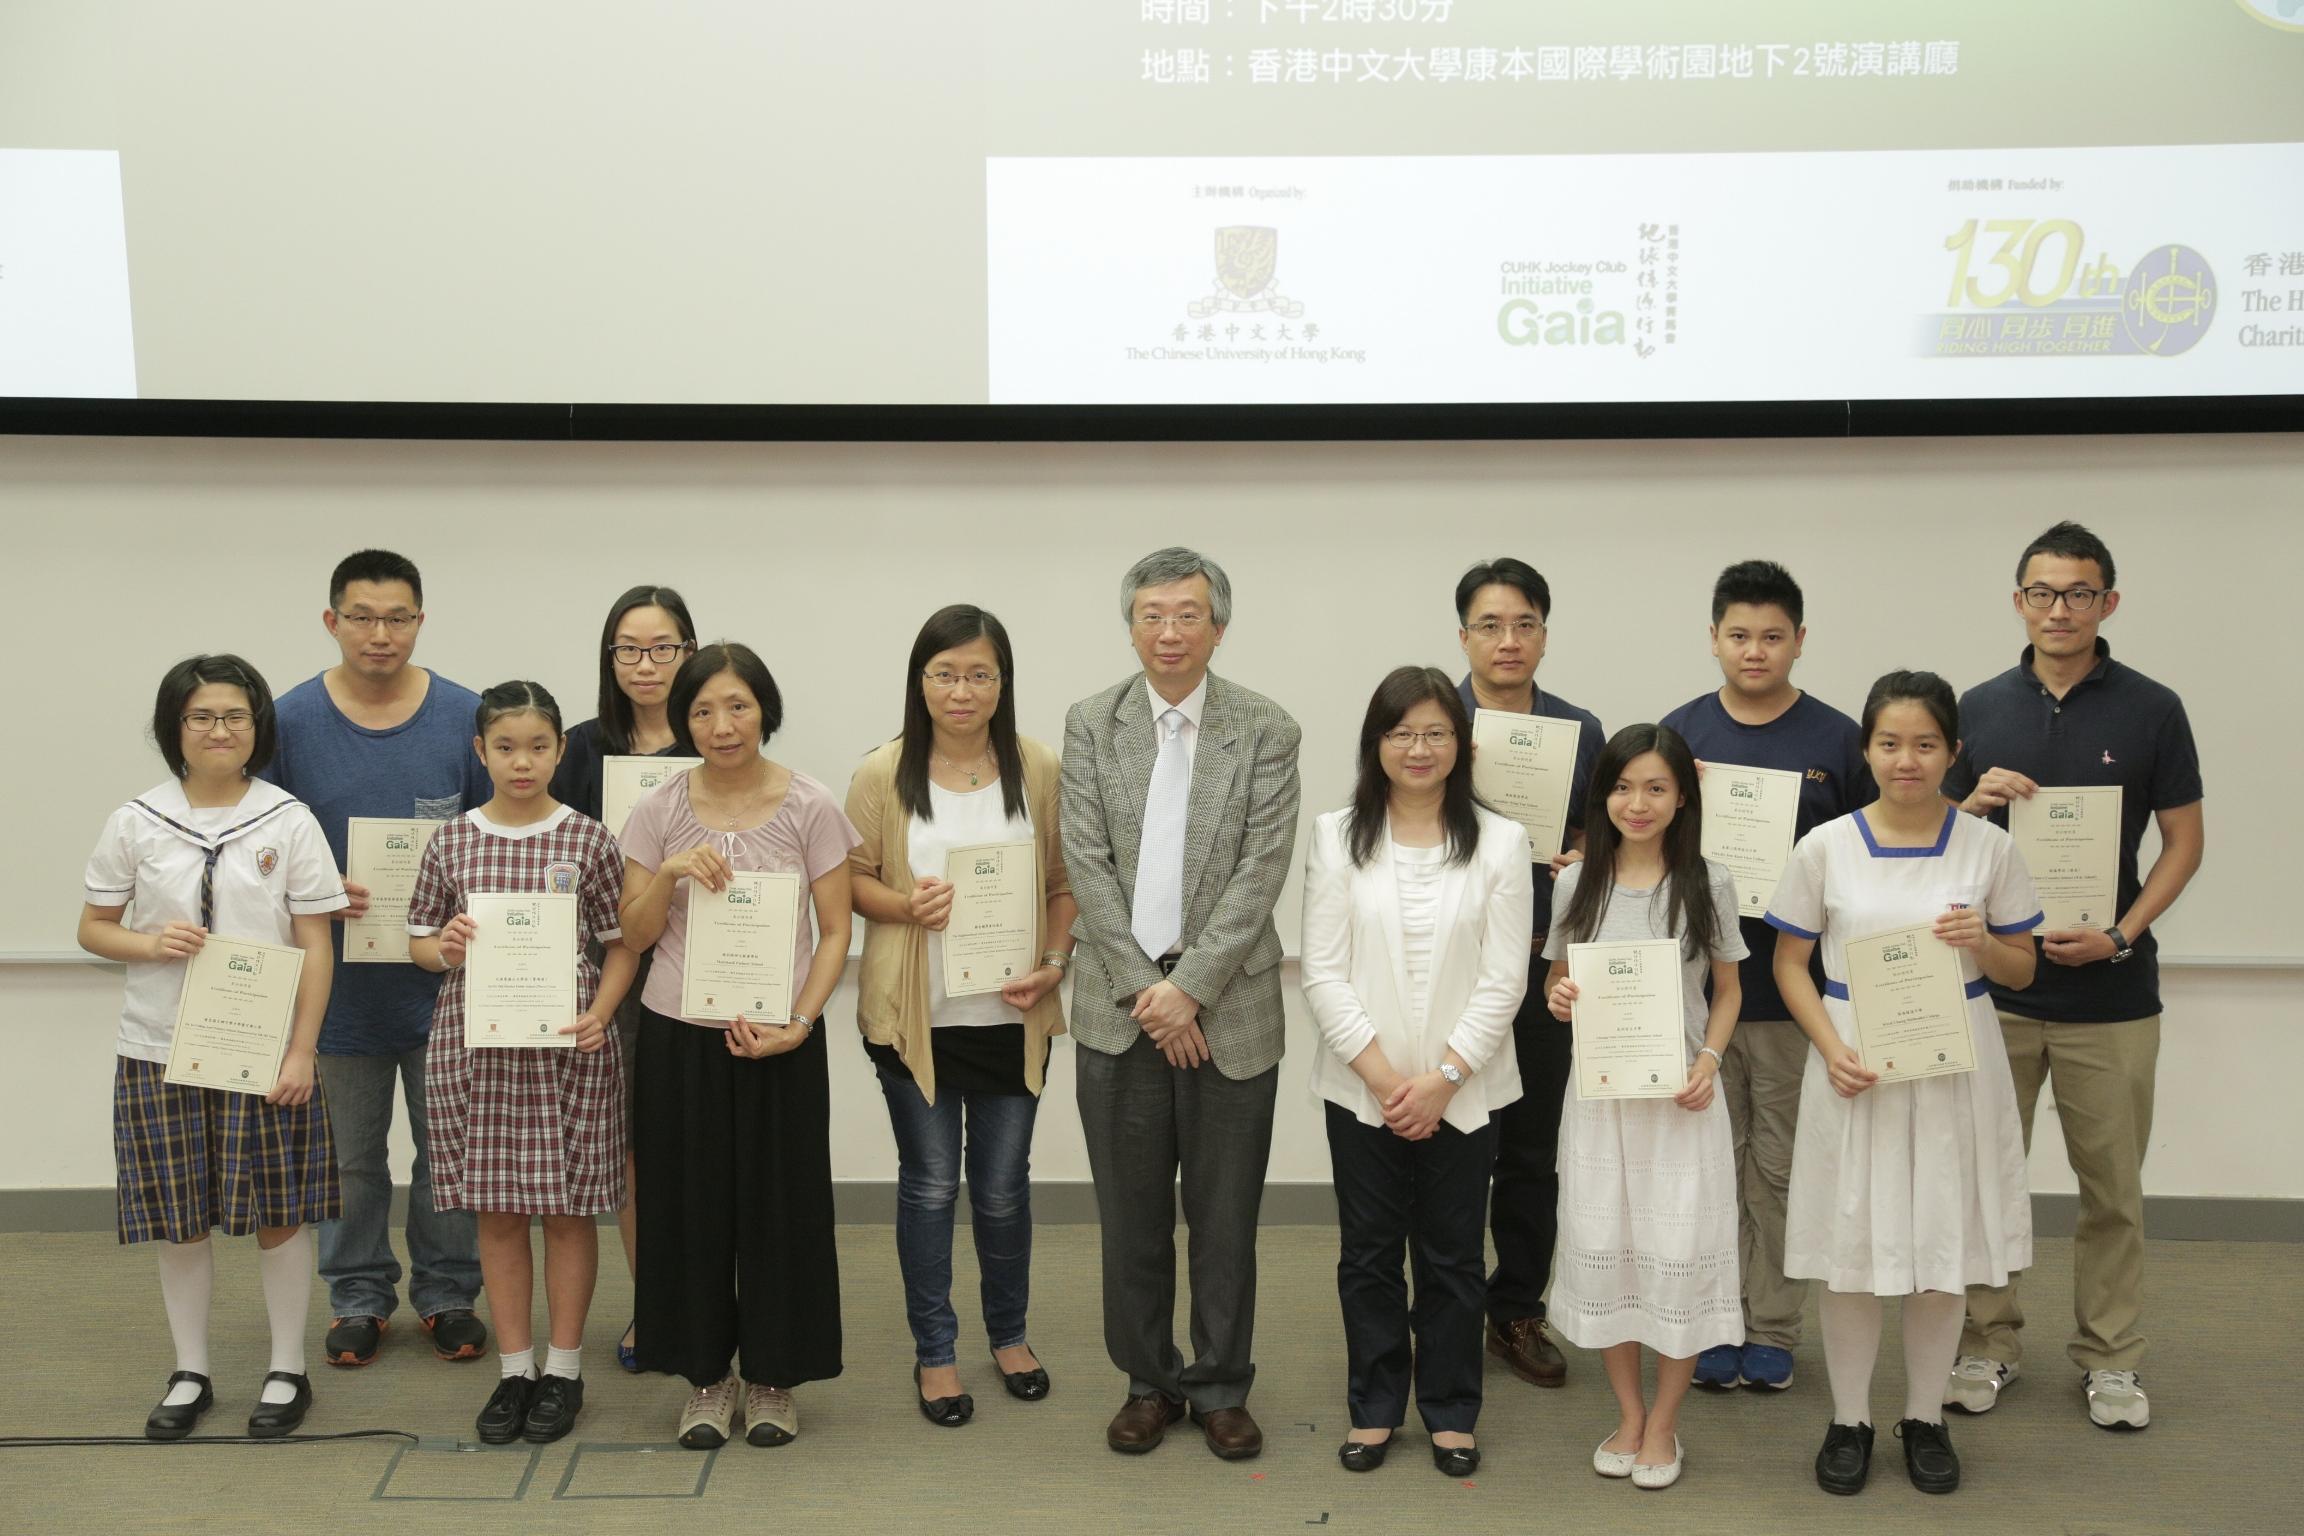 中大協理副校長馮通教授(前排右四)及香港賽馬會慈善事務高級經理陳載英女士(前排右三)頒發參加證書予「綠色社員」。